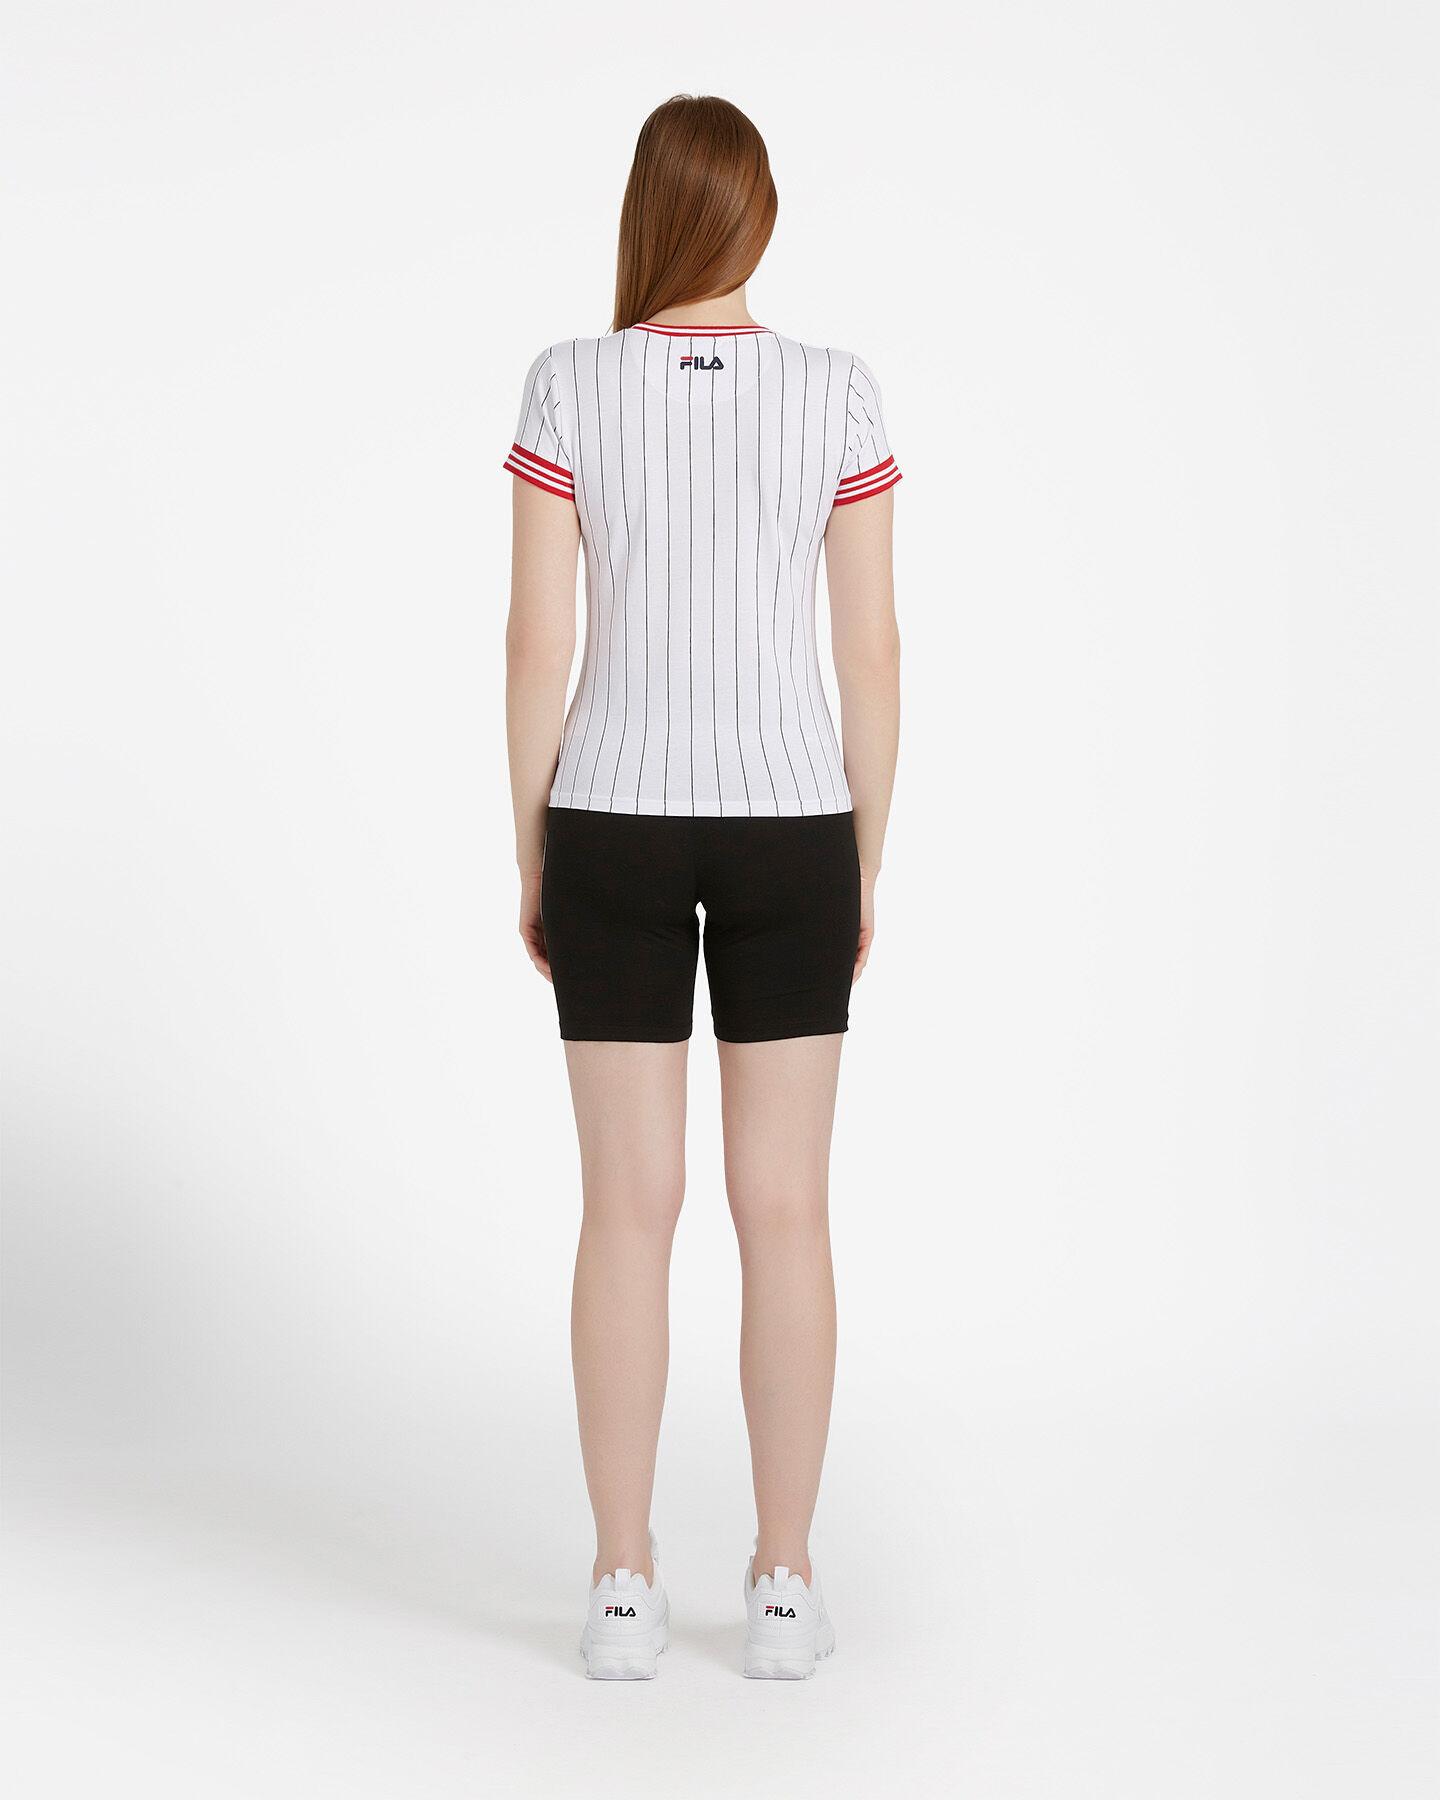 T-Shirt FILA STRIPES W S4074257 scatto 2